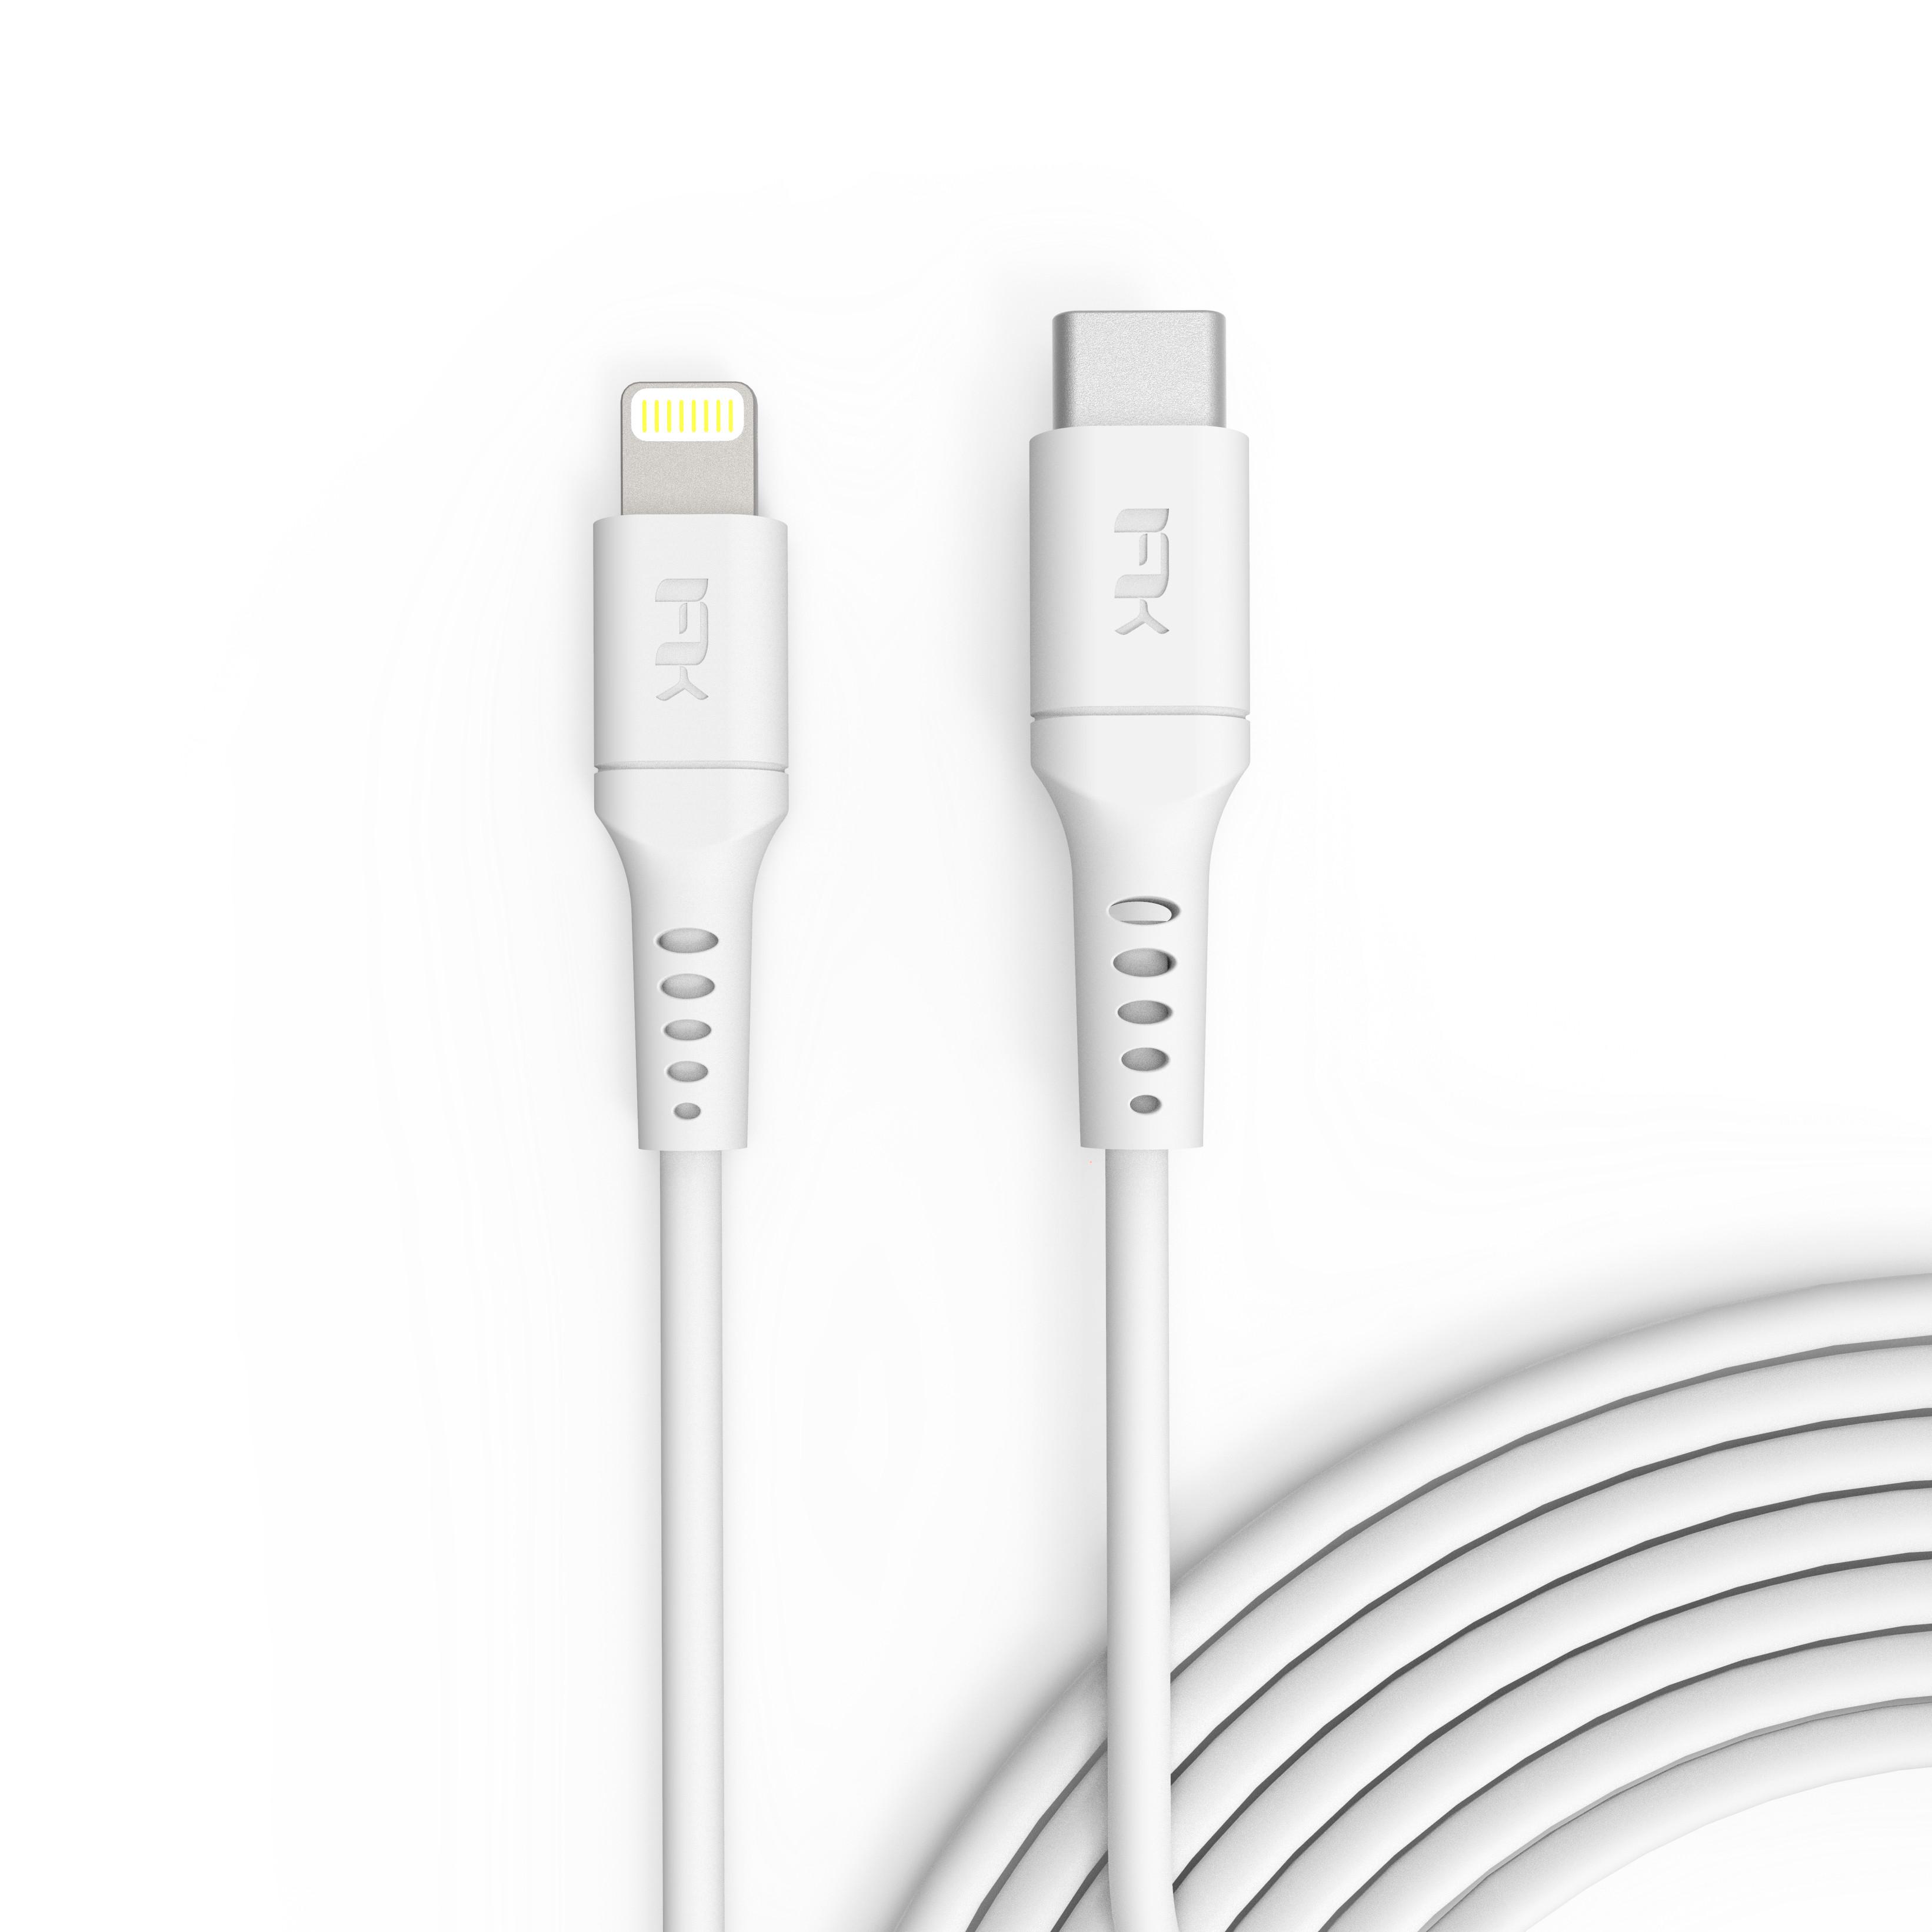 Cáp Sạc Feeltek USB-C to Lightning Chuẩn MFi Cho iPhone Air Lightning 1m8 - Hàng Chính Hãng